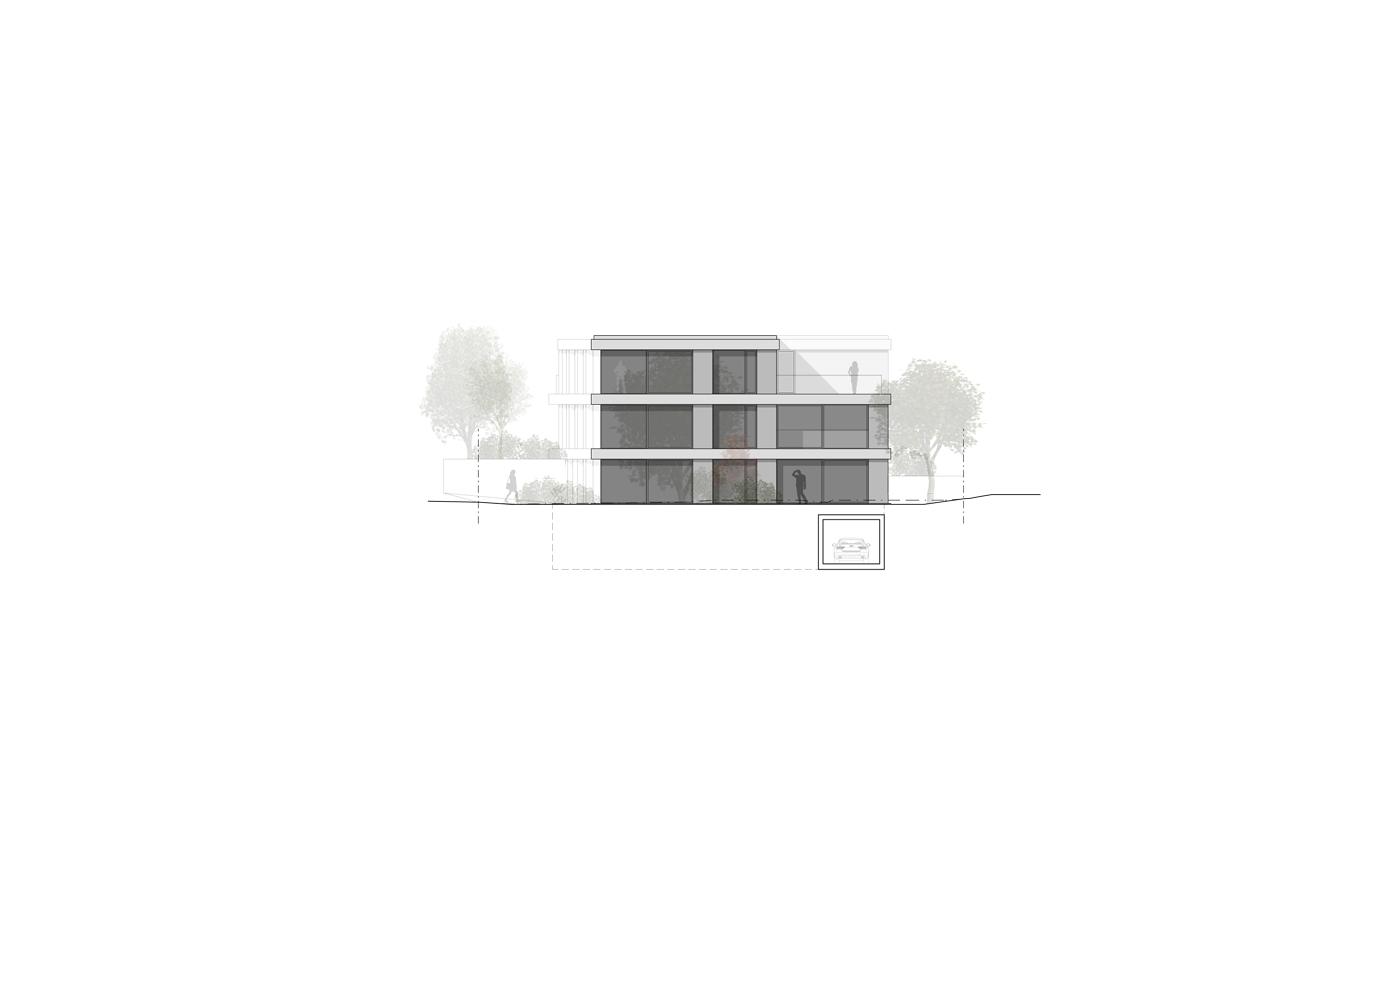 buan architekten – Wohnhaus Nelkenstrasse Emmen – Ansicht Südost